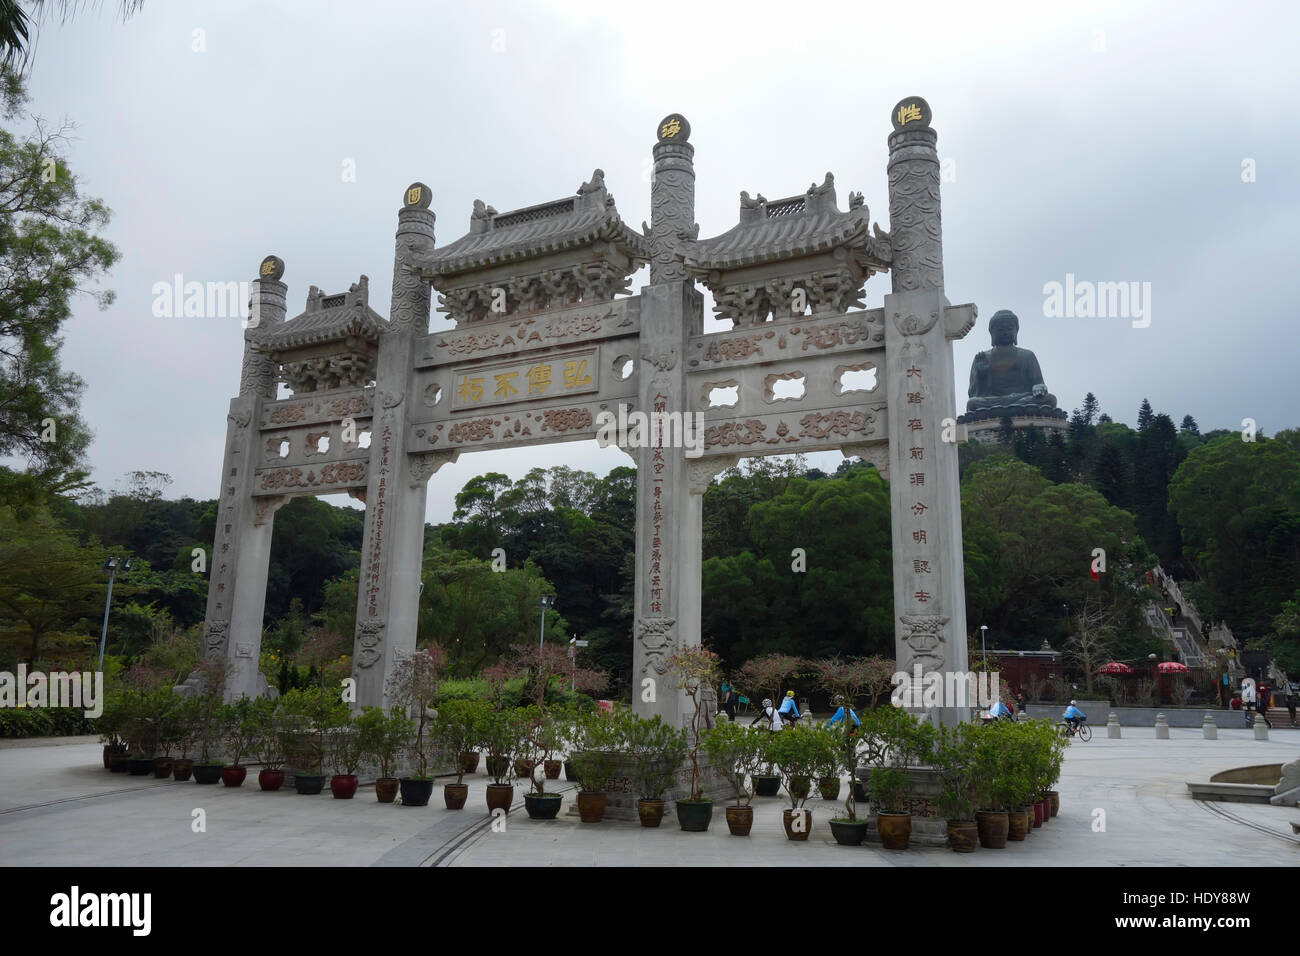 Gate at the Po Lin Monastery, Lantau Island, Hong Kong, China - Stock Image